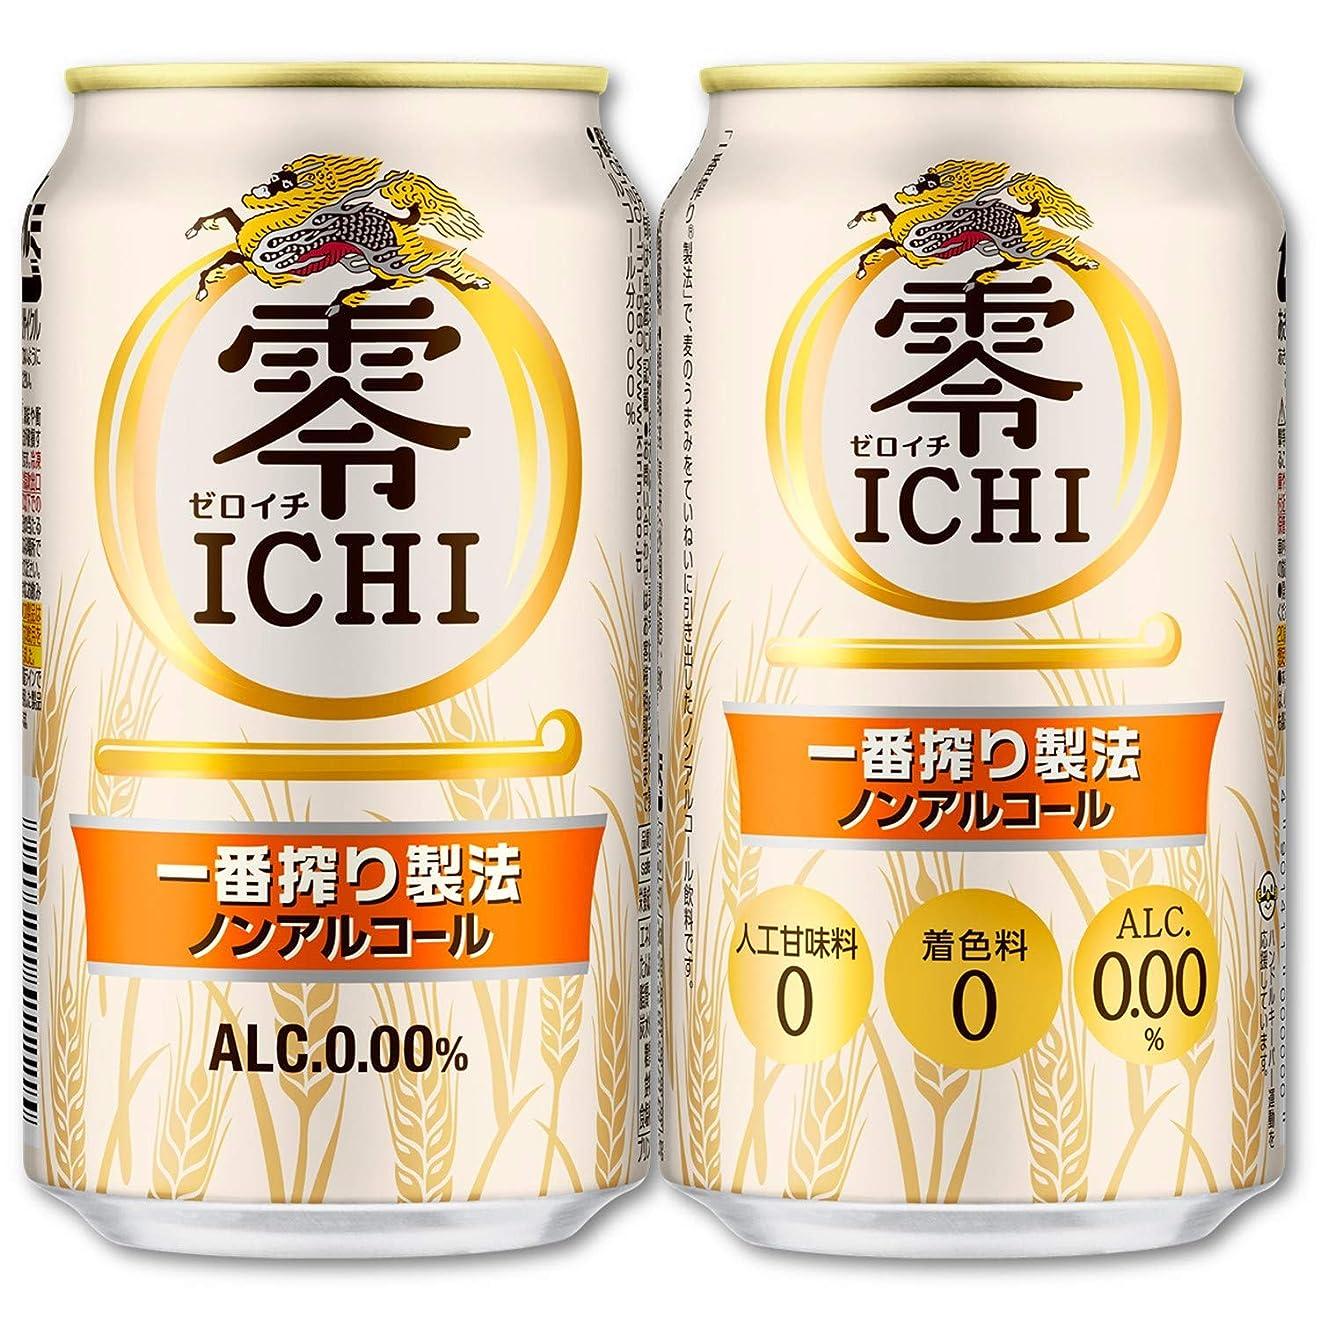 サイレントストラップ便利さキリン 零ICHI ノンアルコール?ビールテイスト飲料 350ml×24本 [ ノンアルコール ]